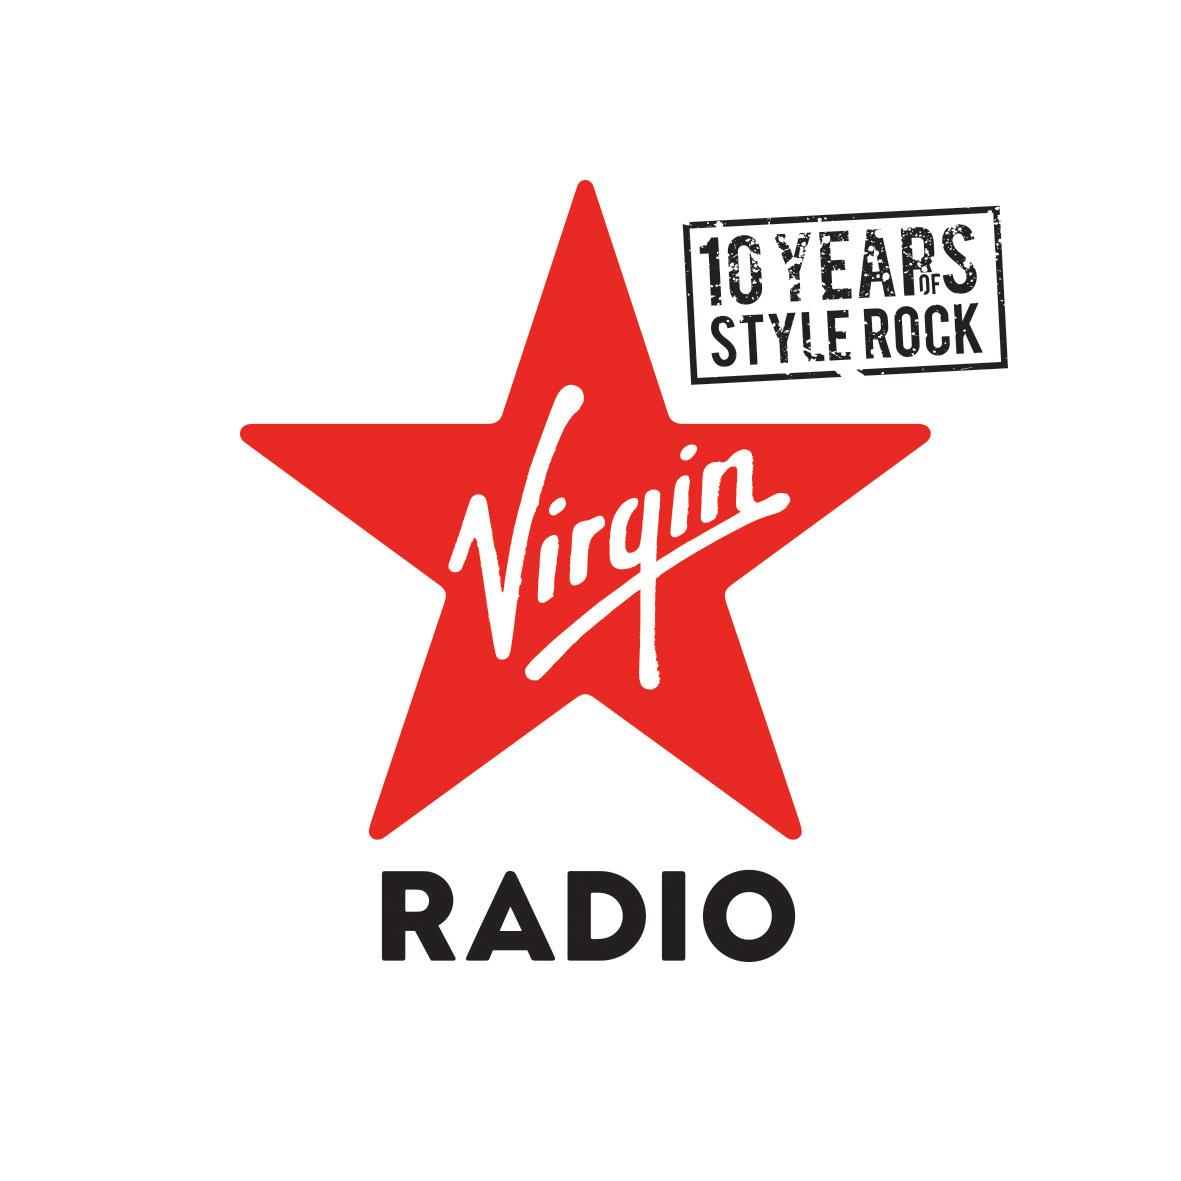 Virgin Radio compie 10 anni e festeggia con un'estate a tutto rock e una giornata speciale in onda e su Italia1